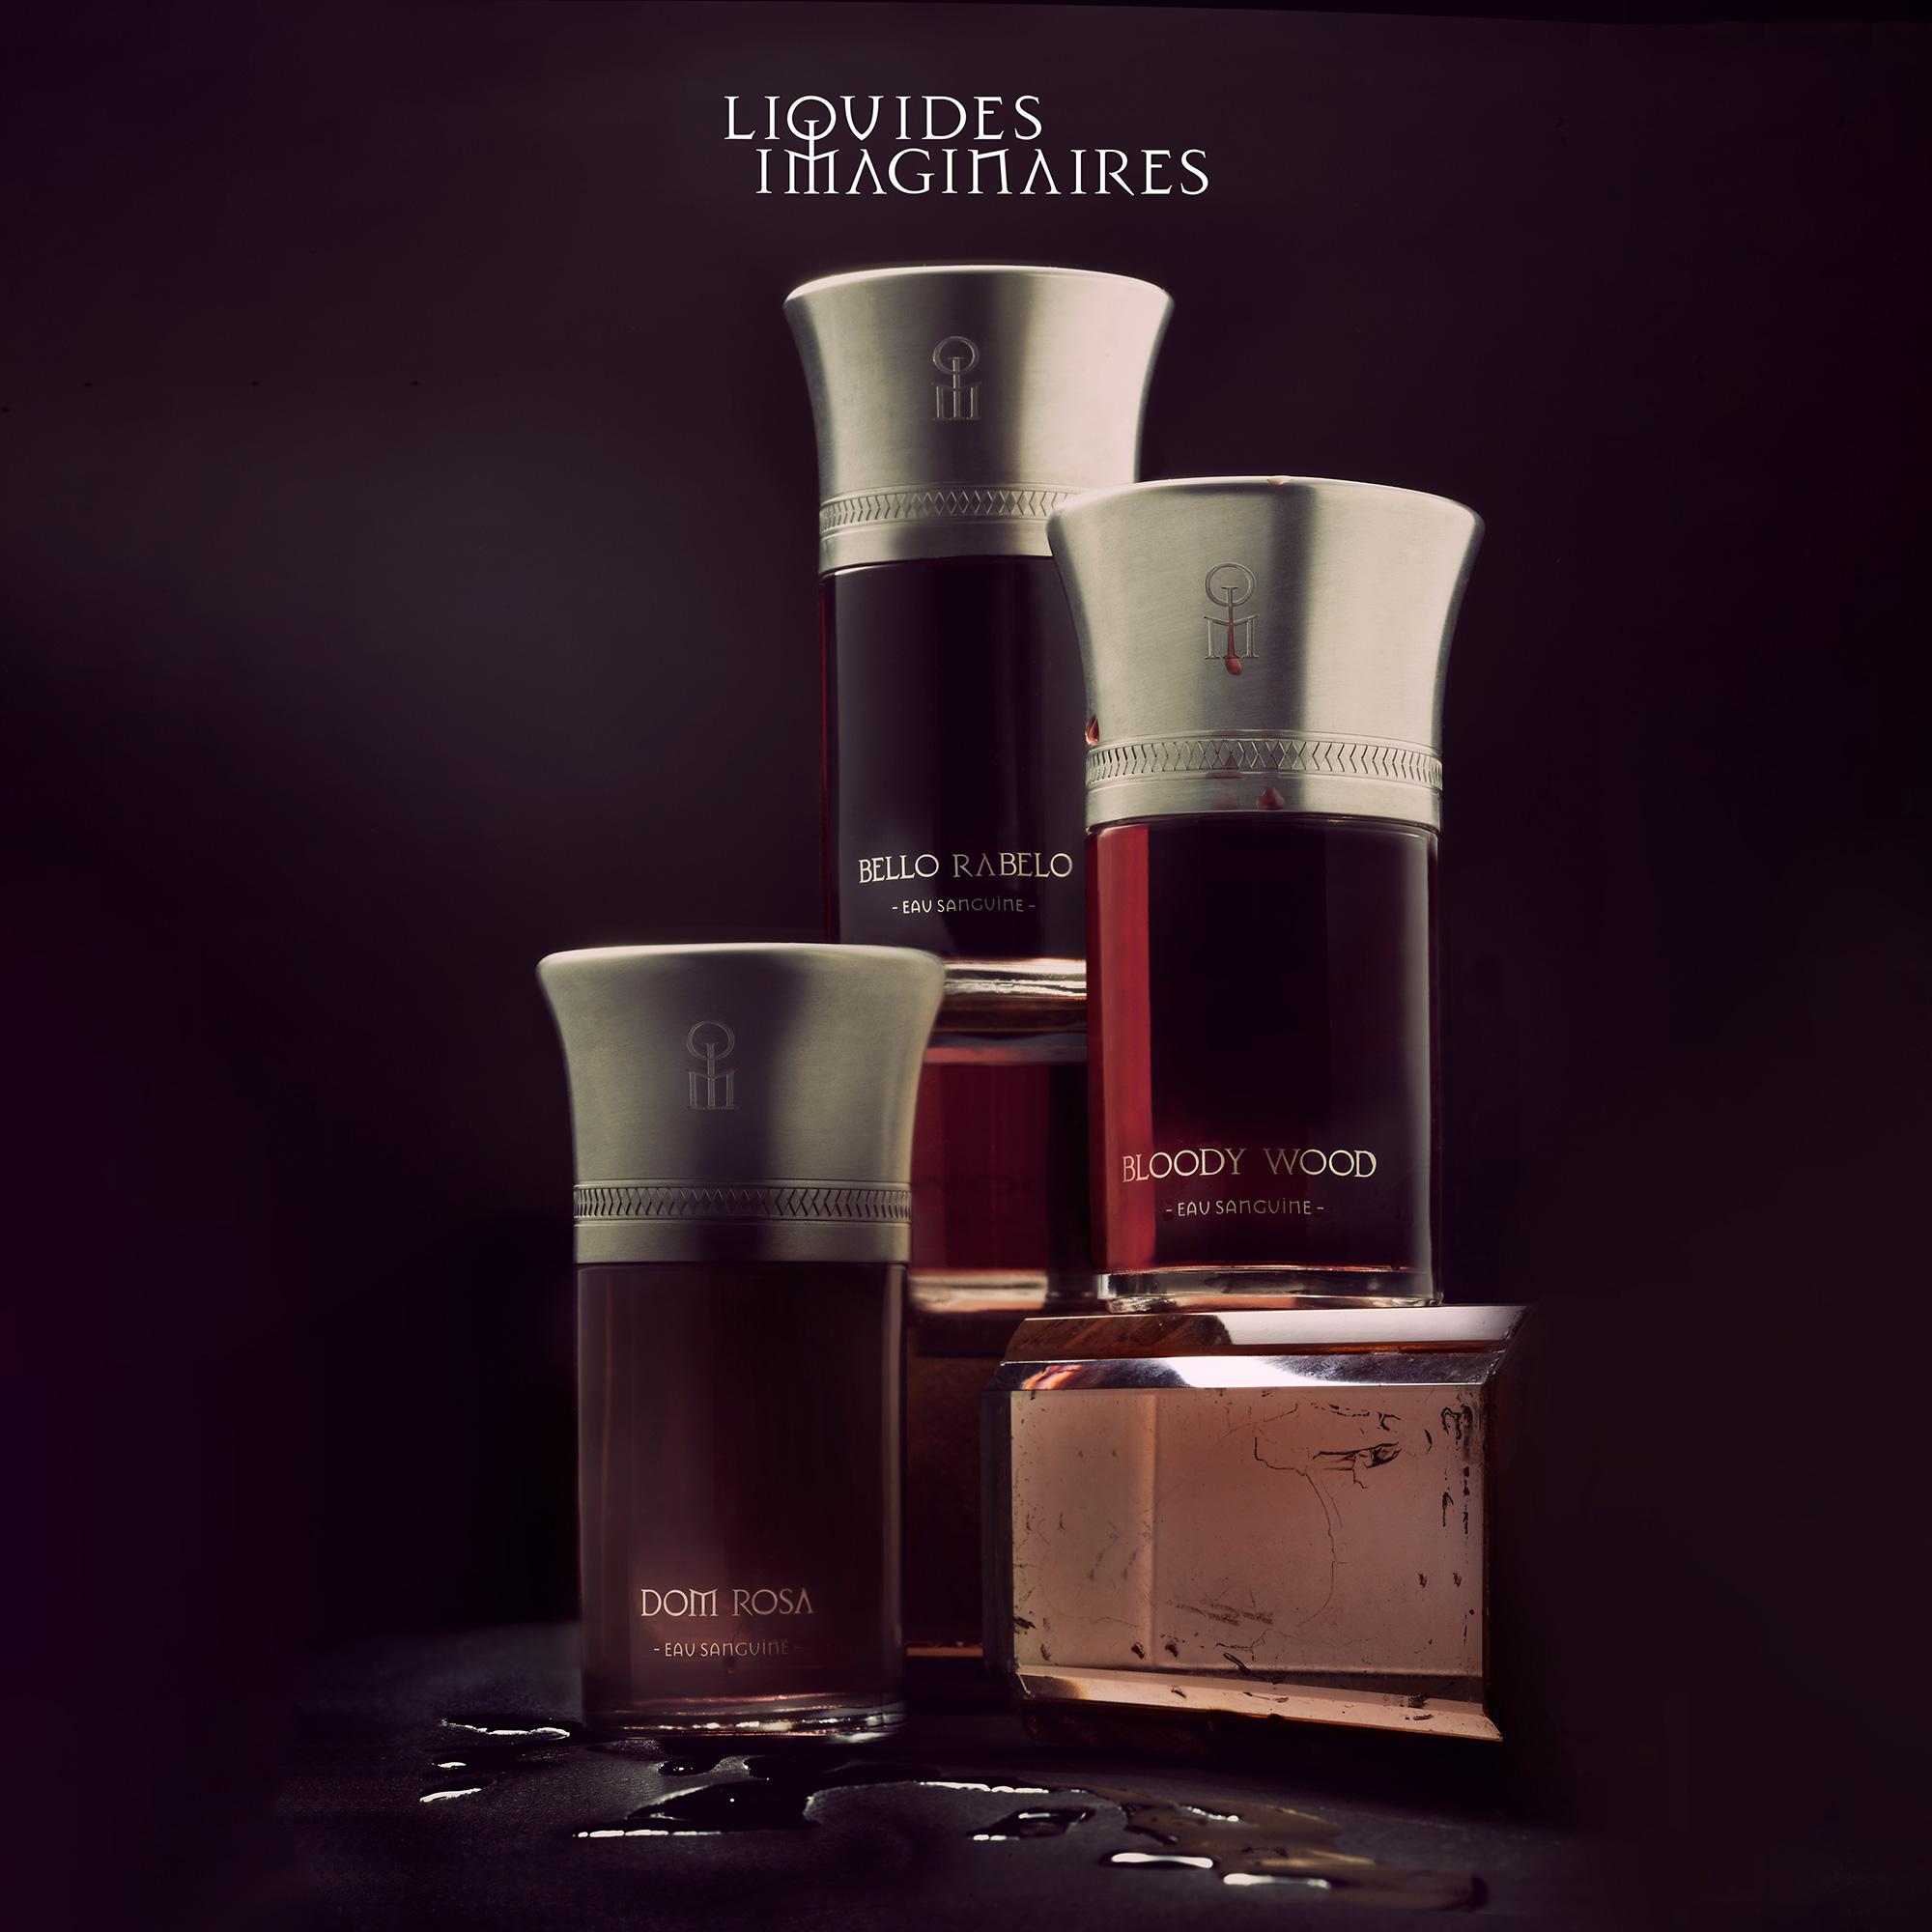 Centri-Ottici-BELOTTI-OtticaUdito-liquides-imaginaires-1